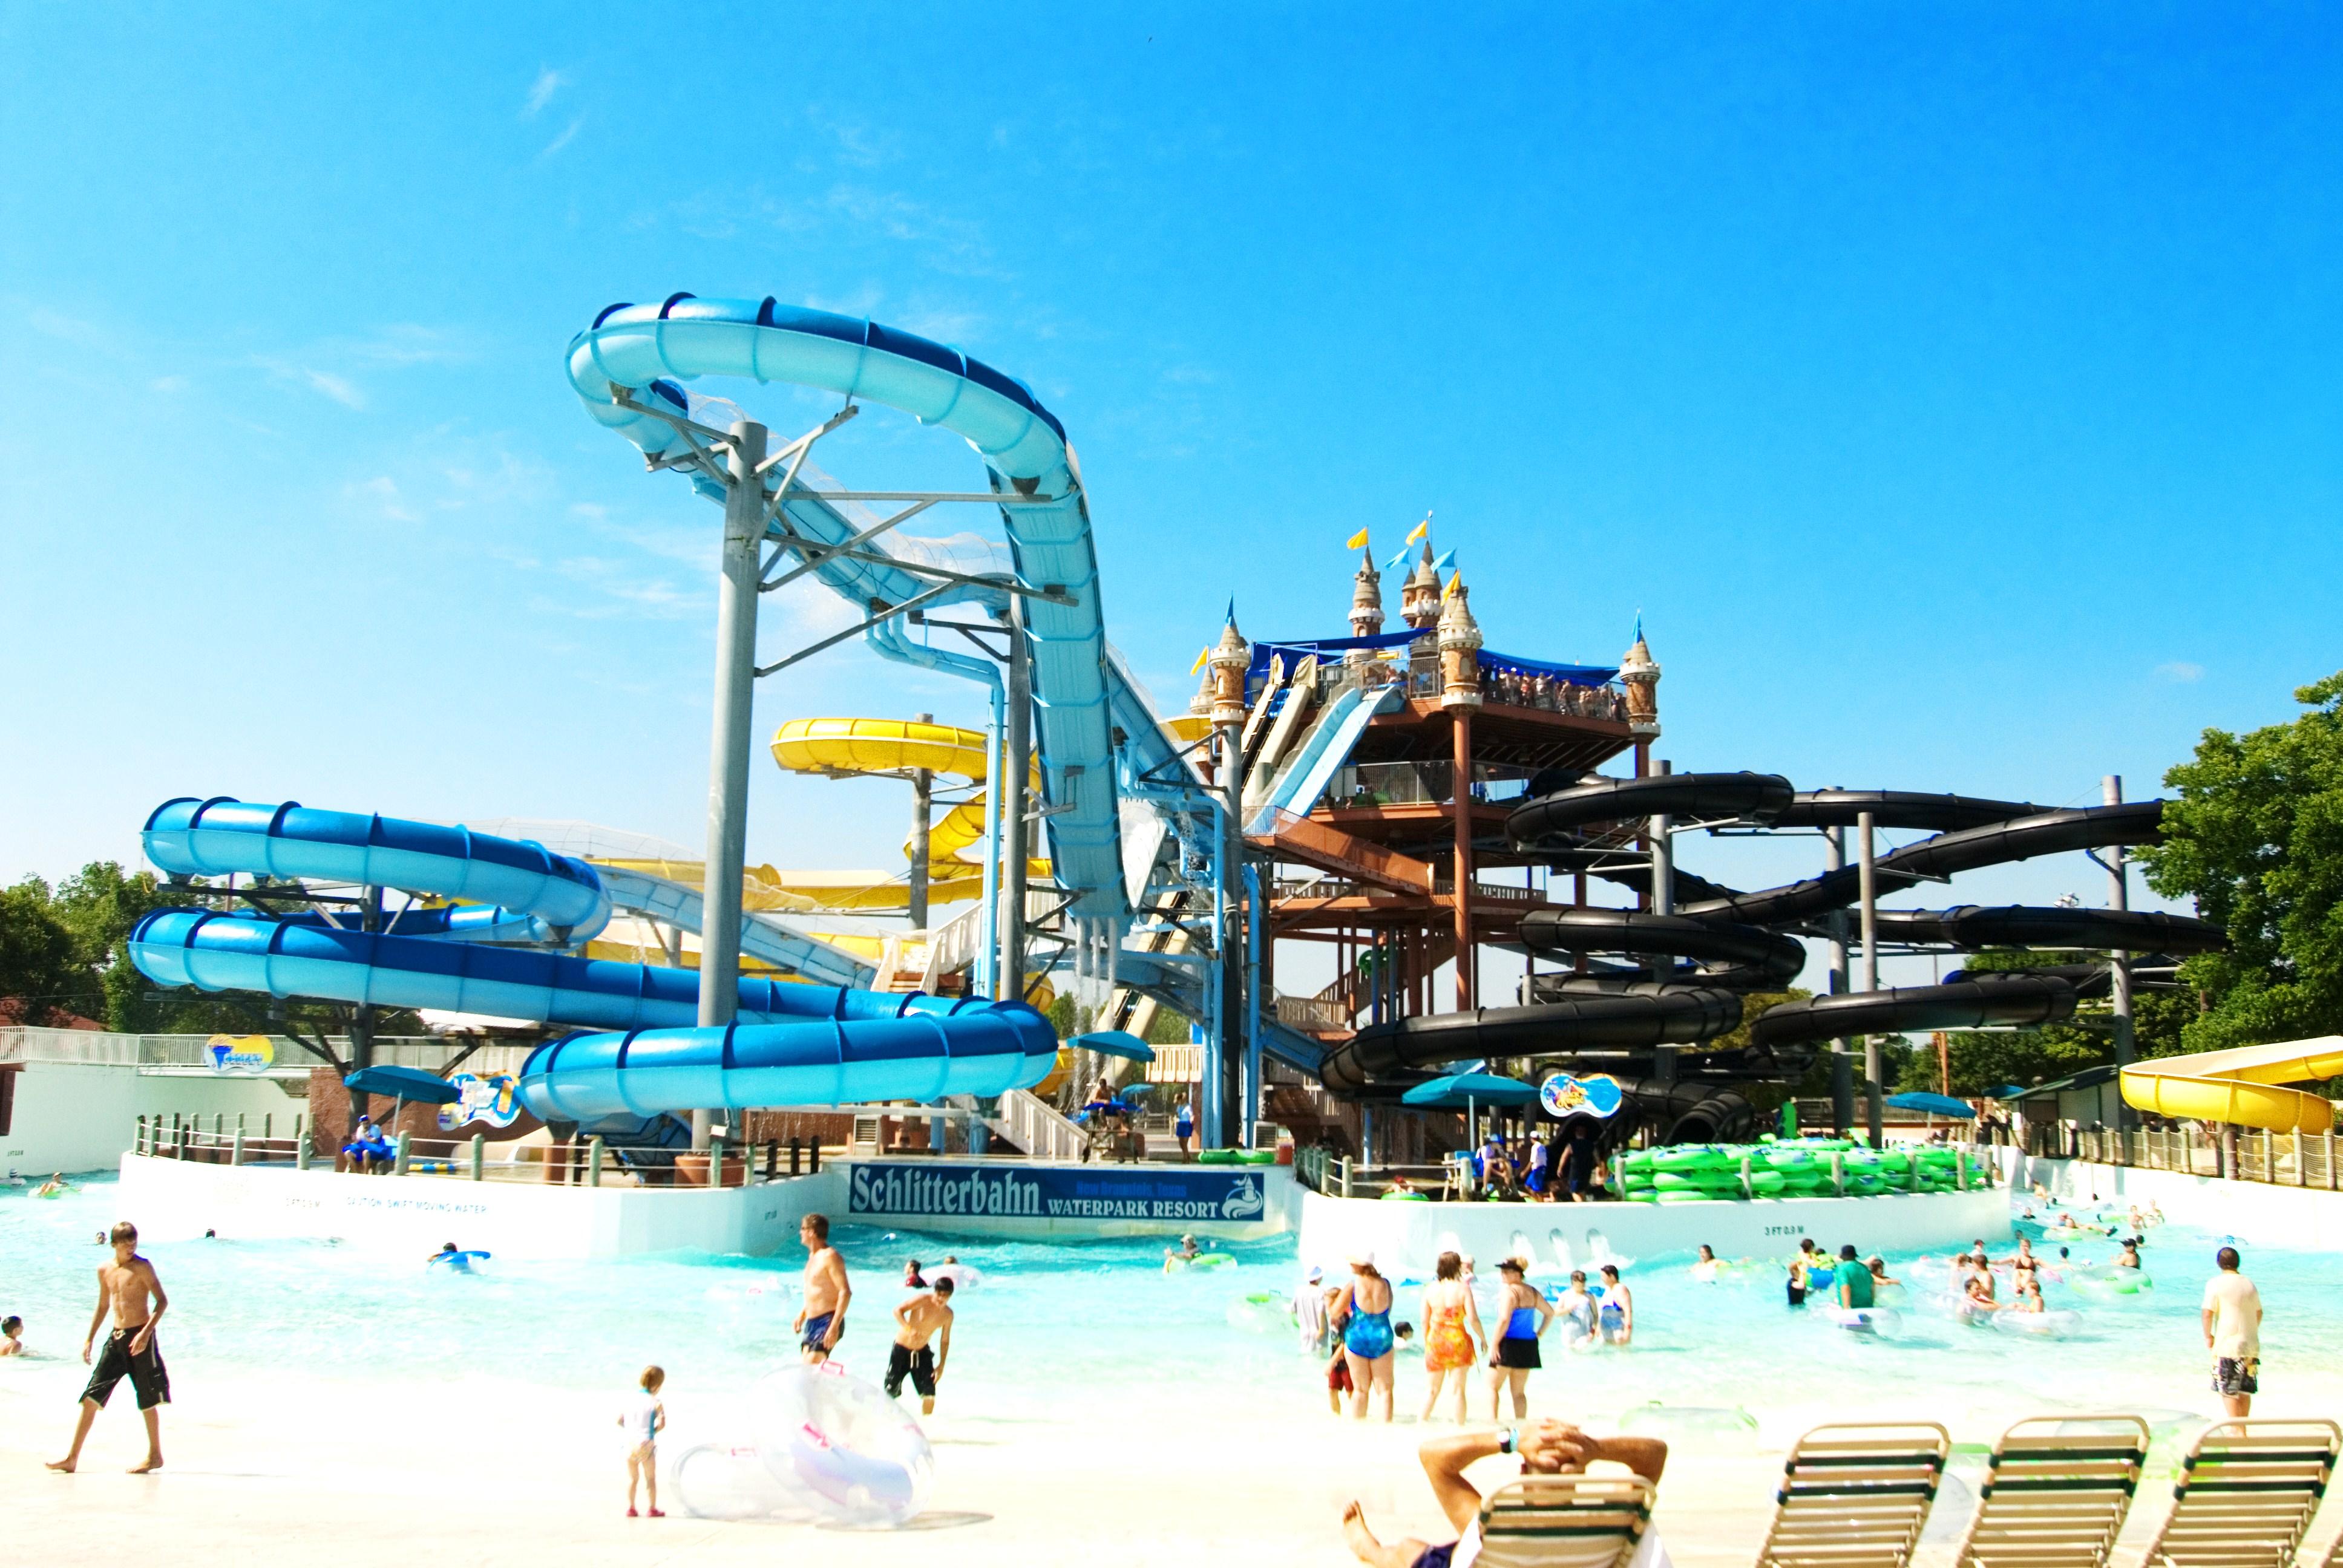 Master Blaster, Schlitterbahn Waterpark Resort, Texas